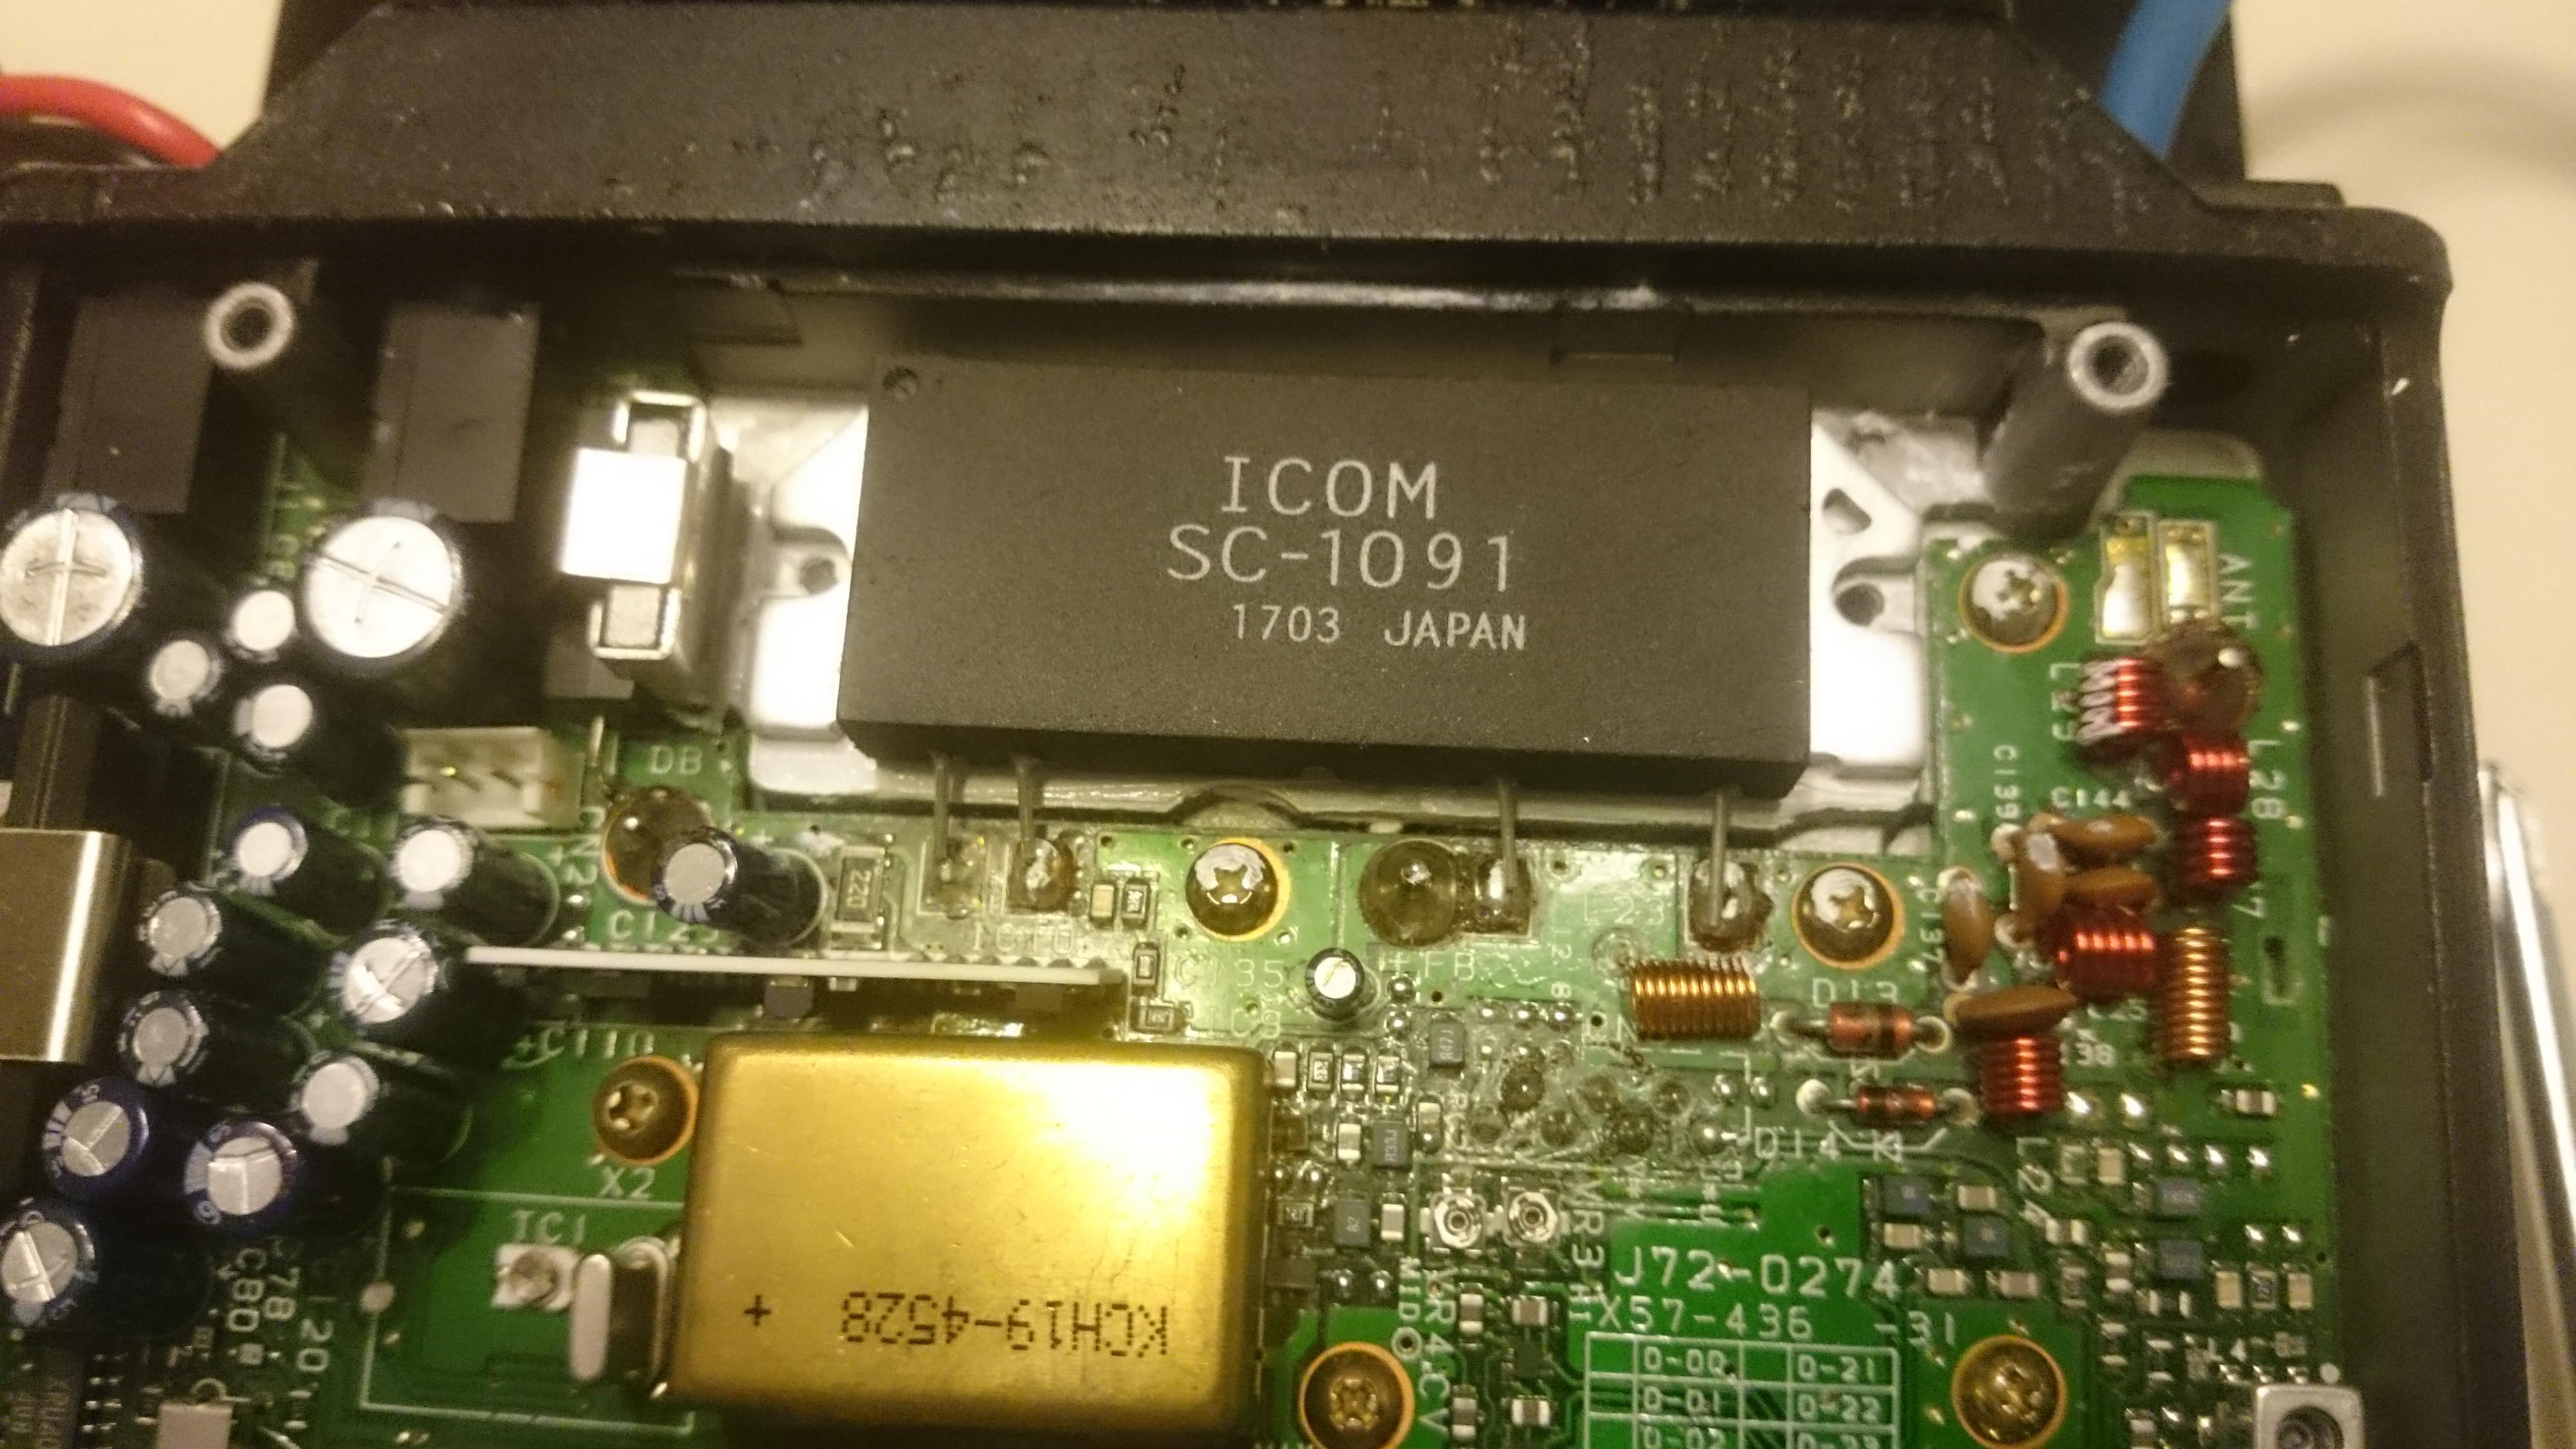 Kenwood TM733 : Problème de puissance ( faible, inexistante ou disparaissant en quelques secondes ) - Idem Alinco DR605 06-pa-new